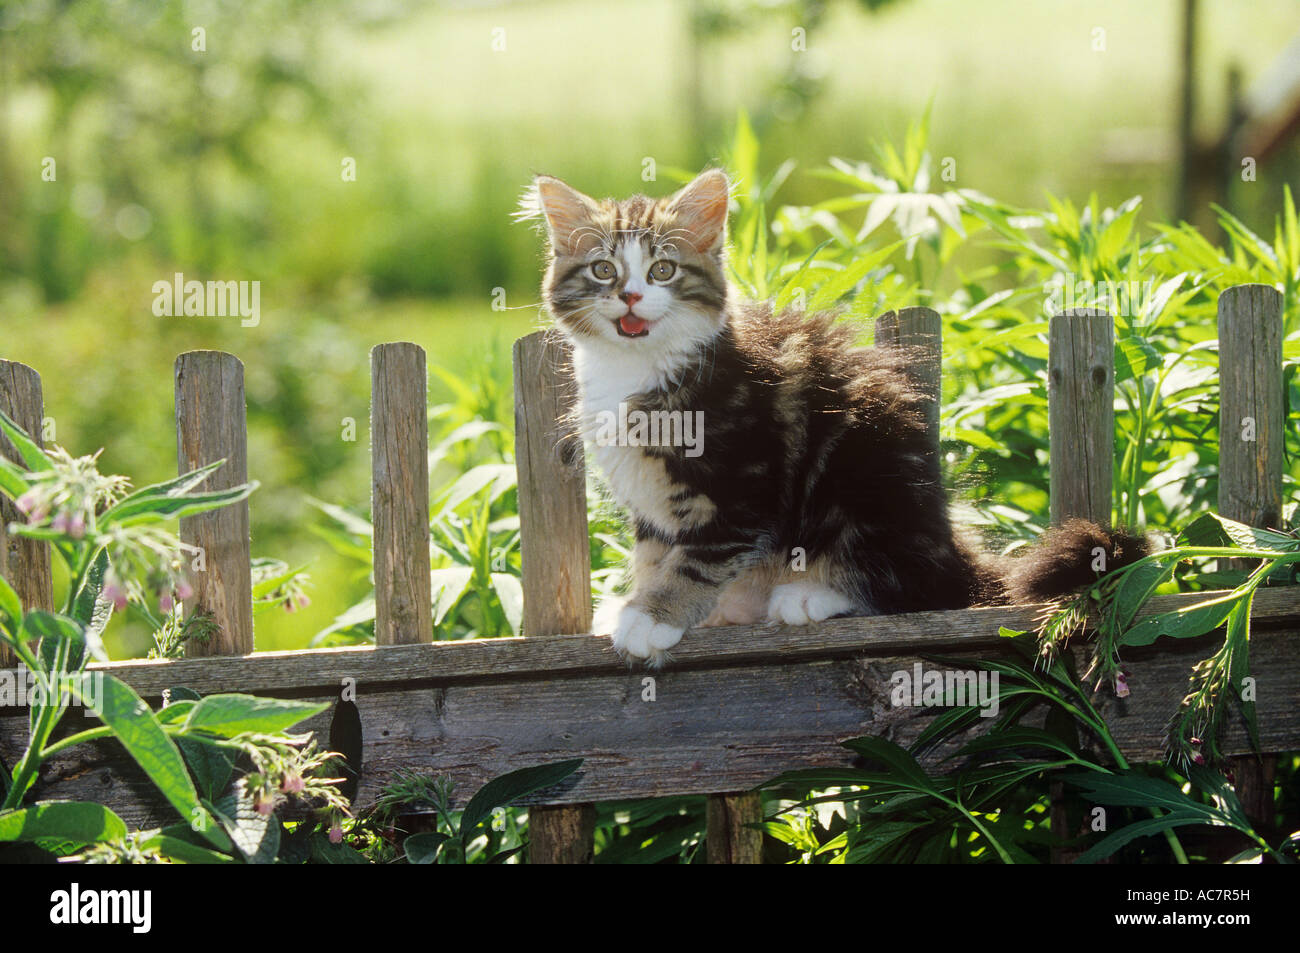 Kitten On Fence High Resolution Stock